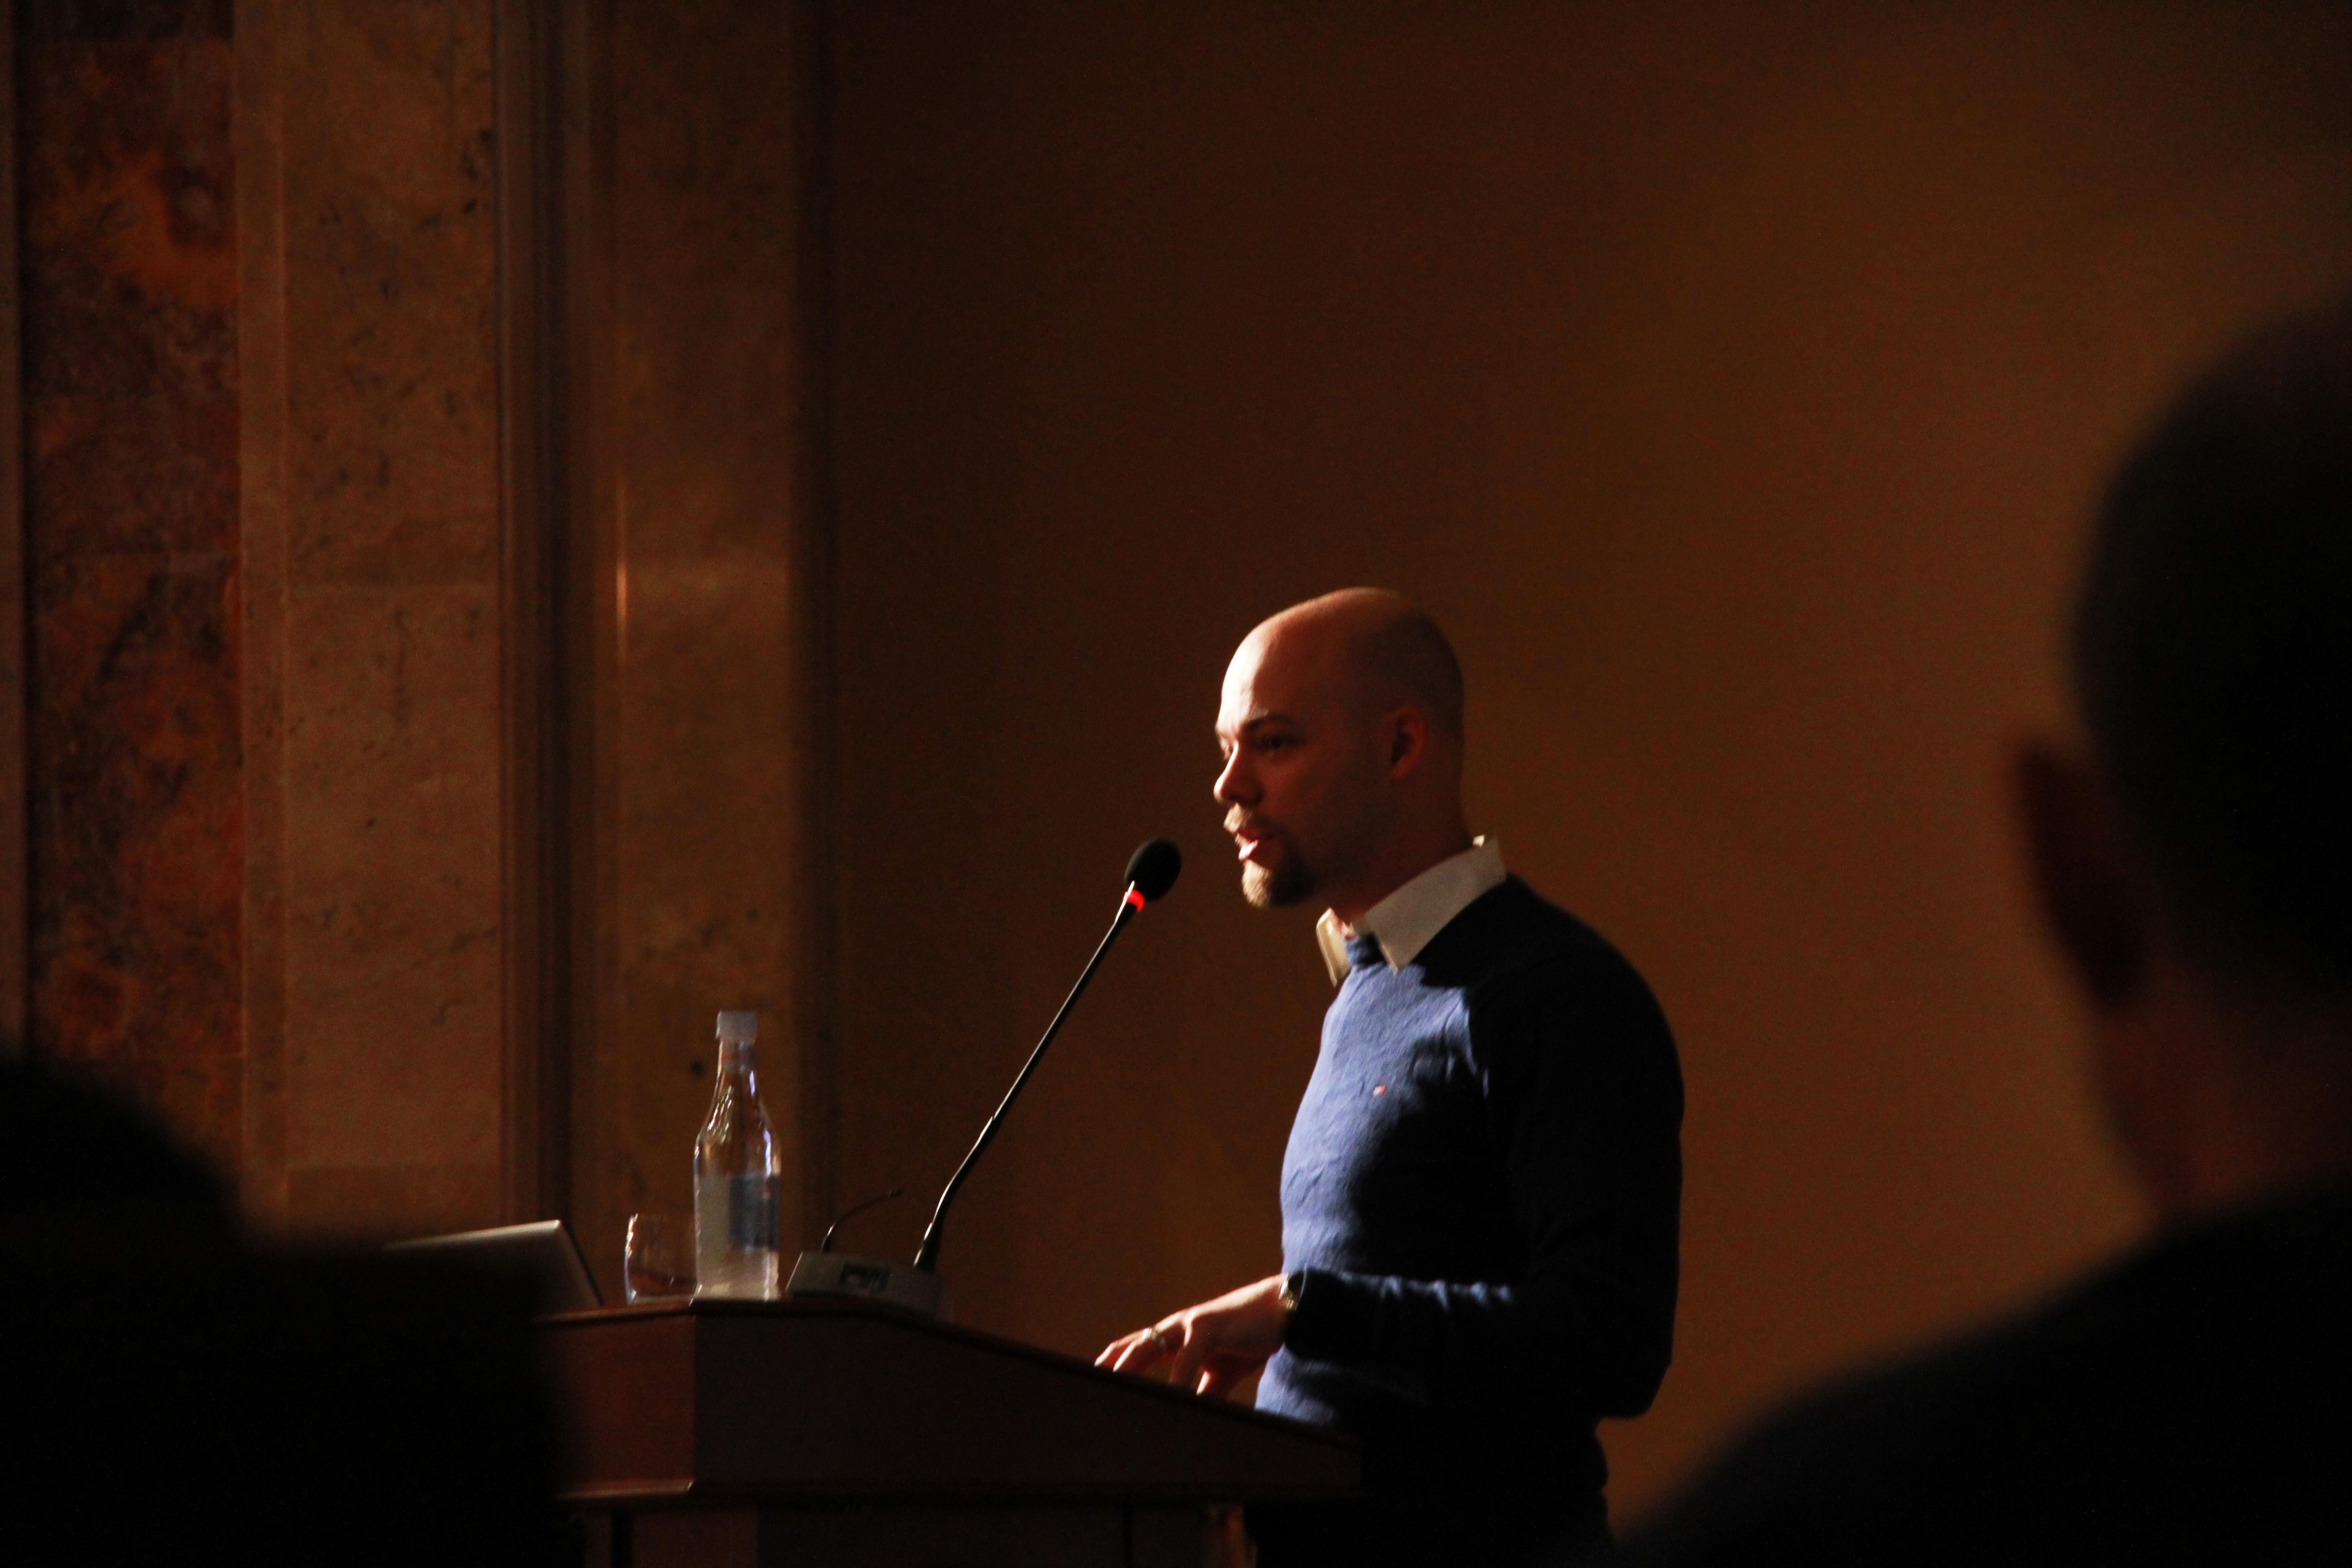 Դմիտրի Վելիկովսկին՝ Թվապատում 2016 կոնֆերանսին